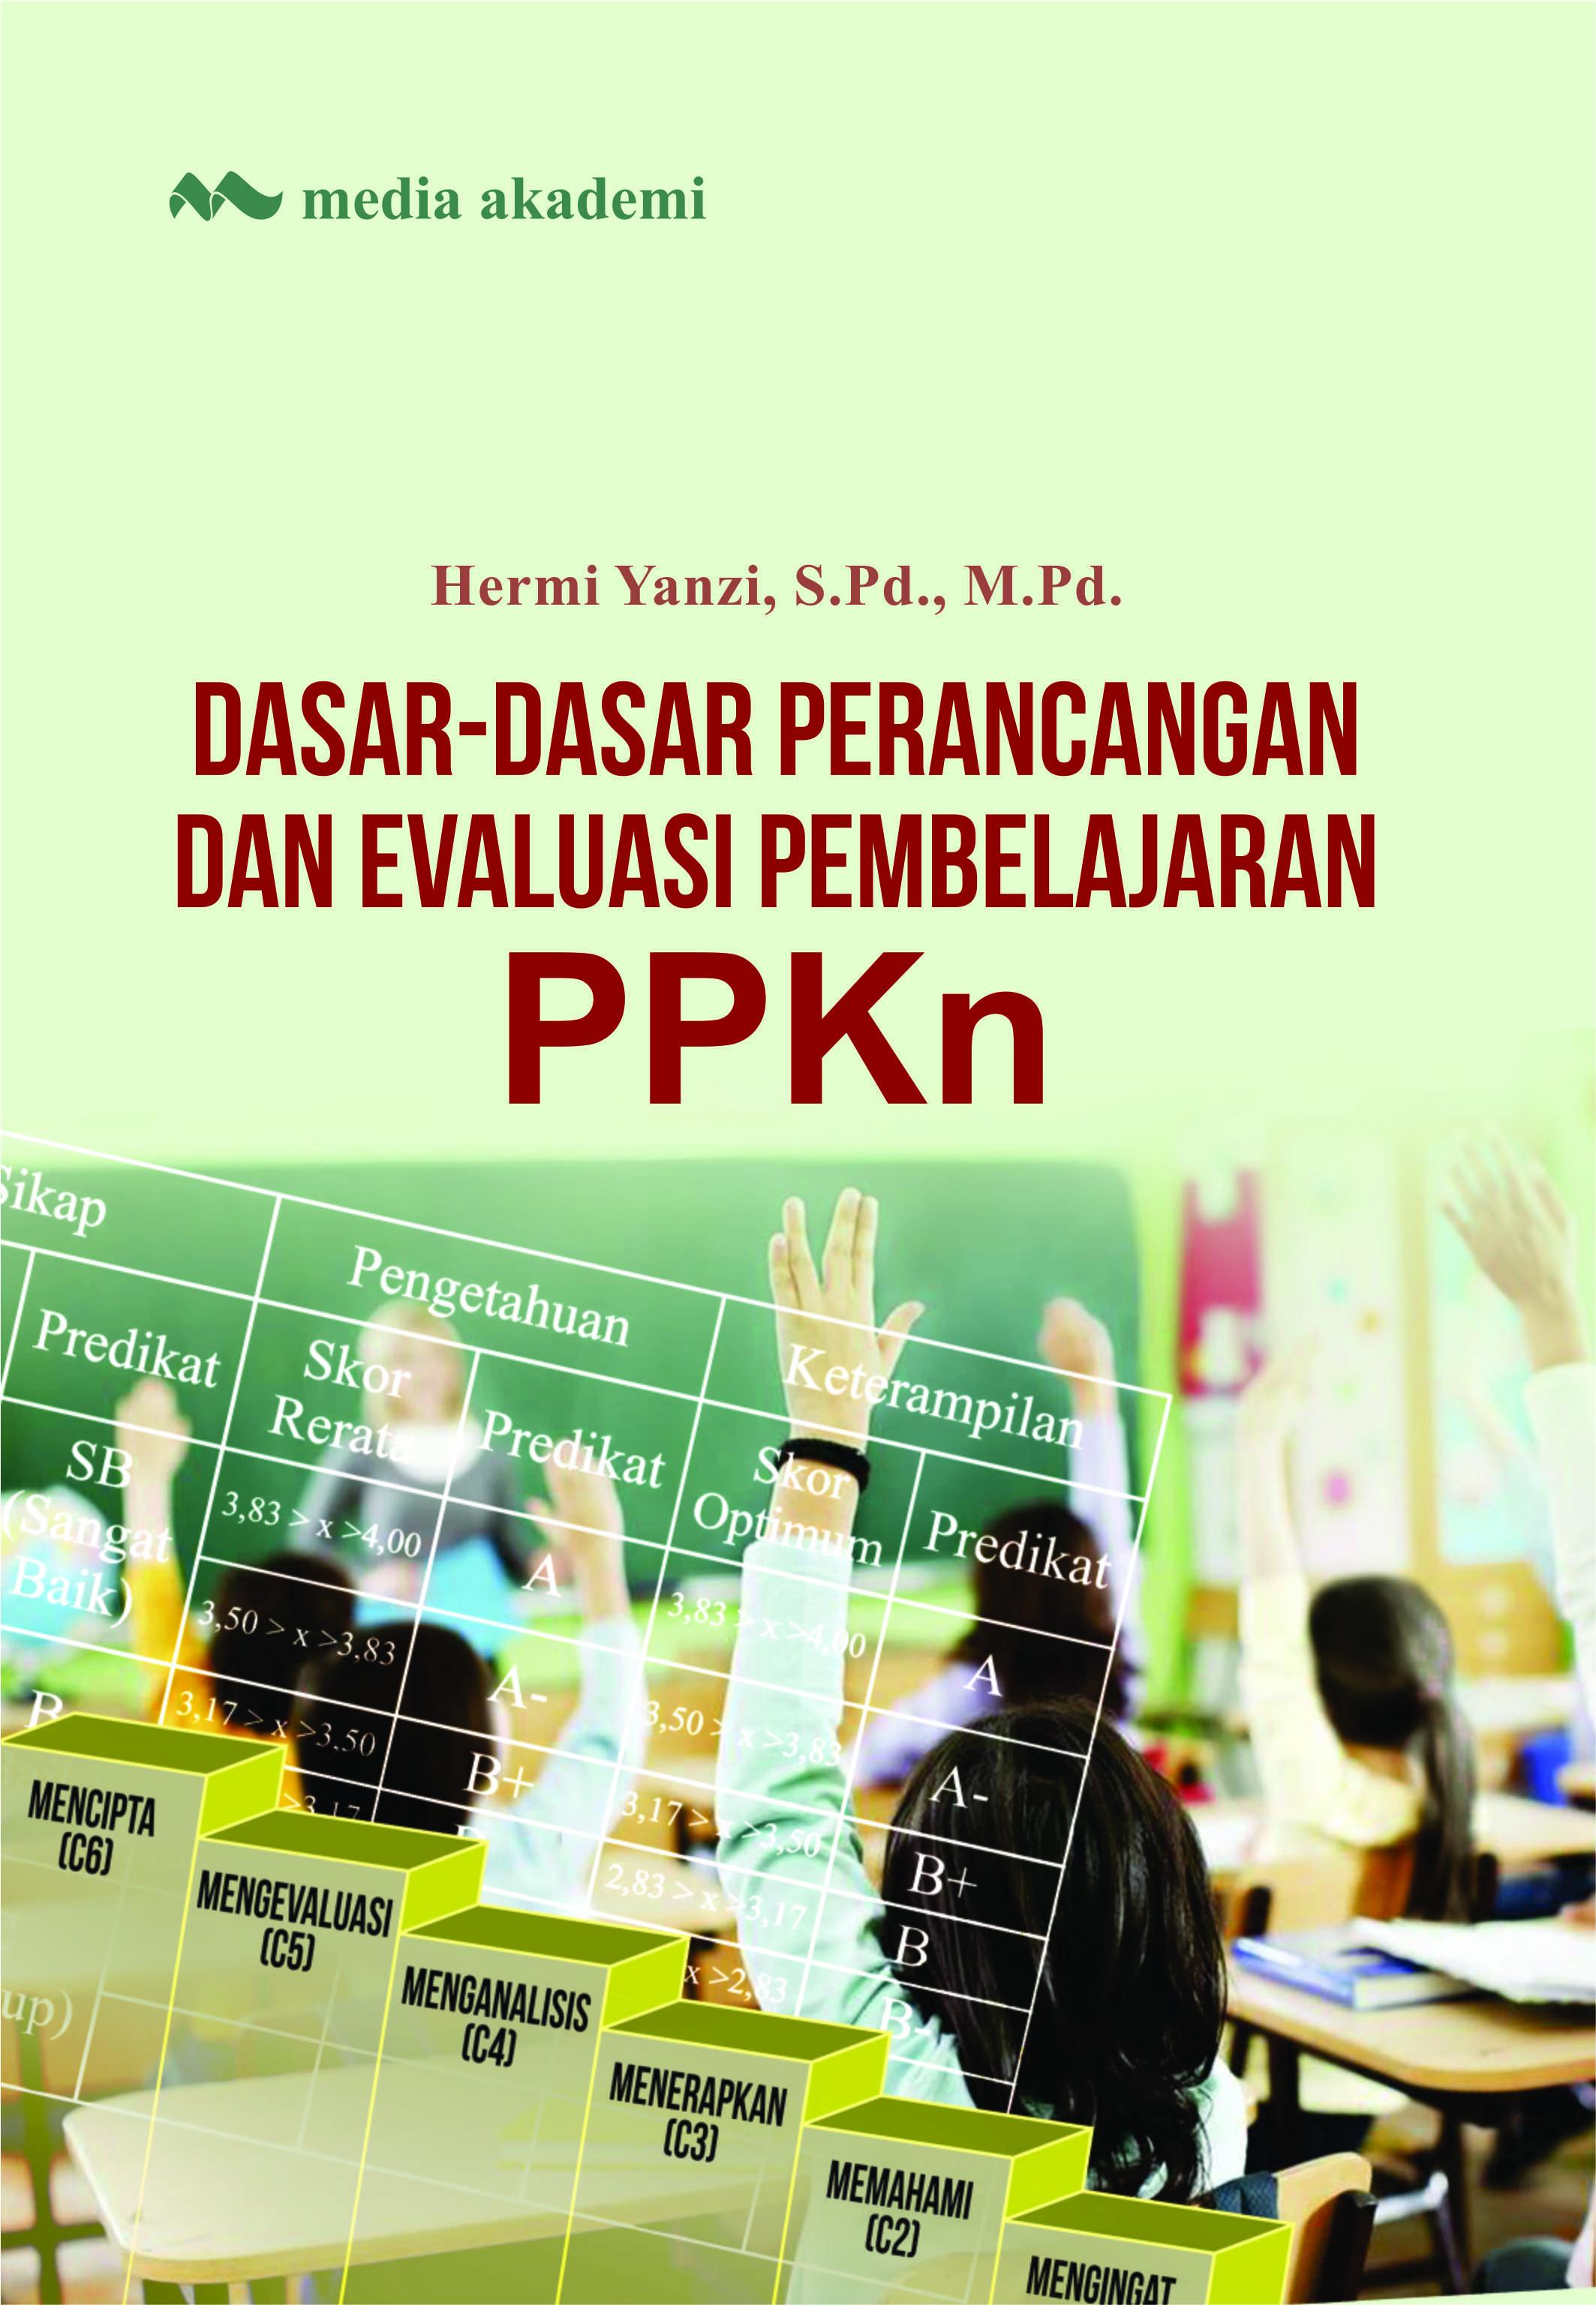 Dasar-dasar perancangan dan evaluasi pembelajaran PPKn